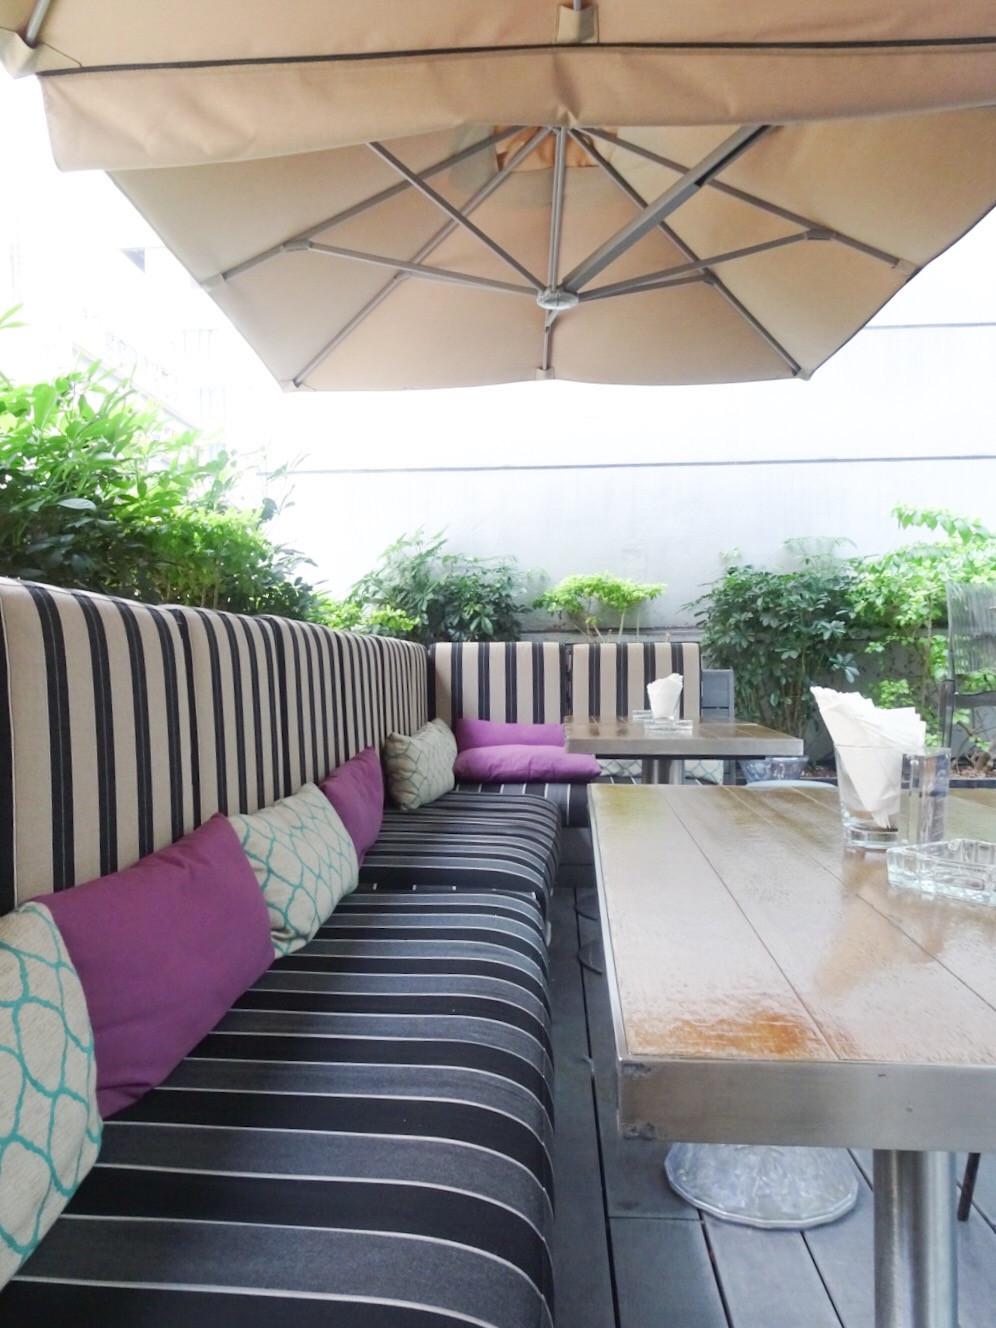 The Envoy restaurant and bar at The Pottinger Hotel Hong Kong